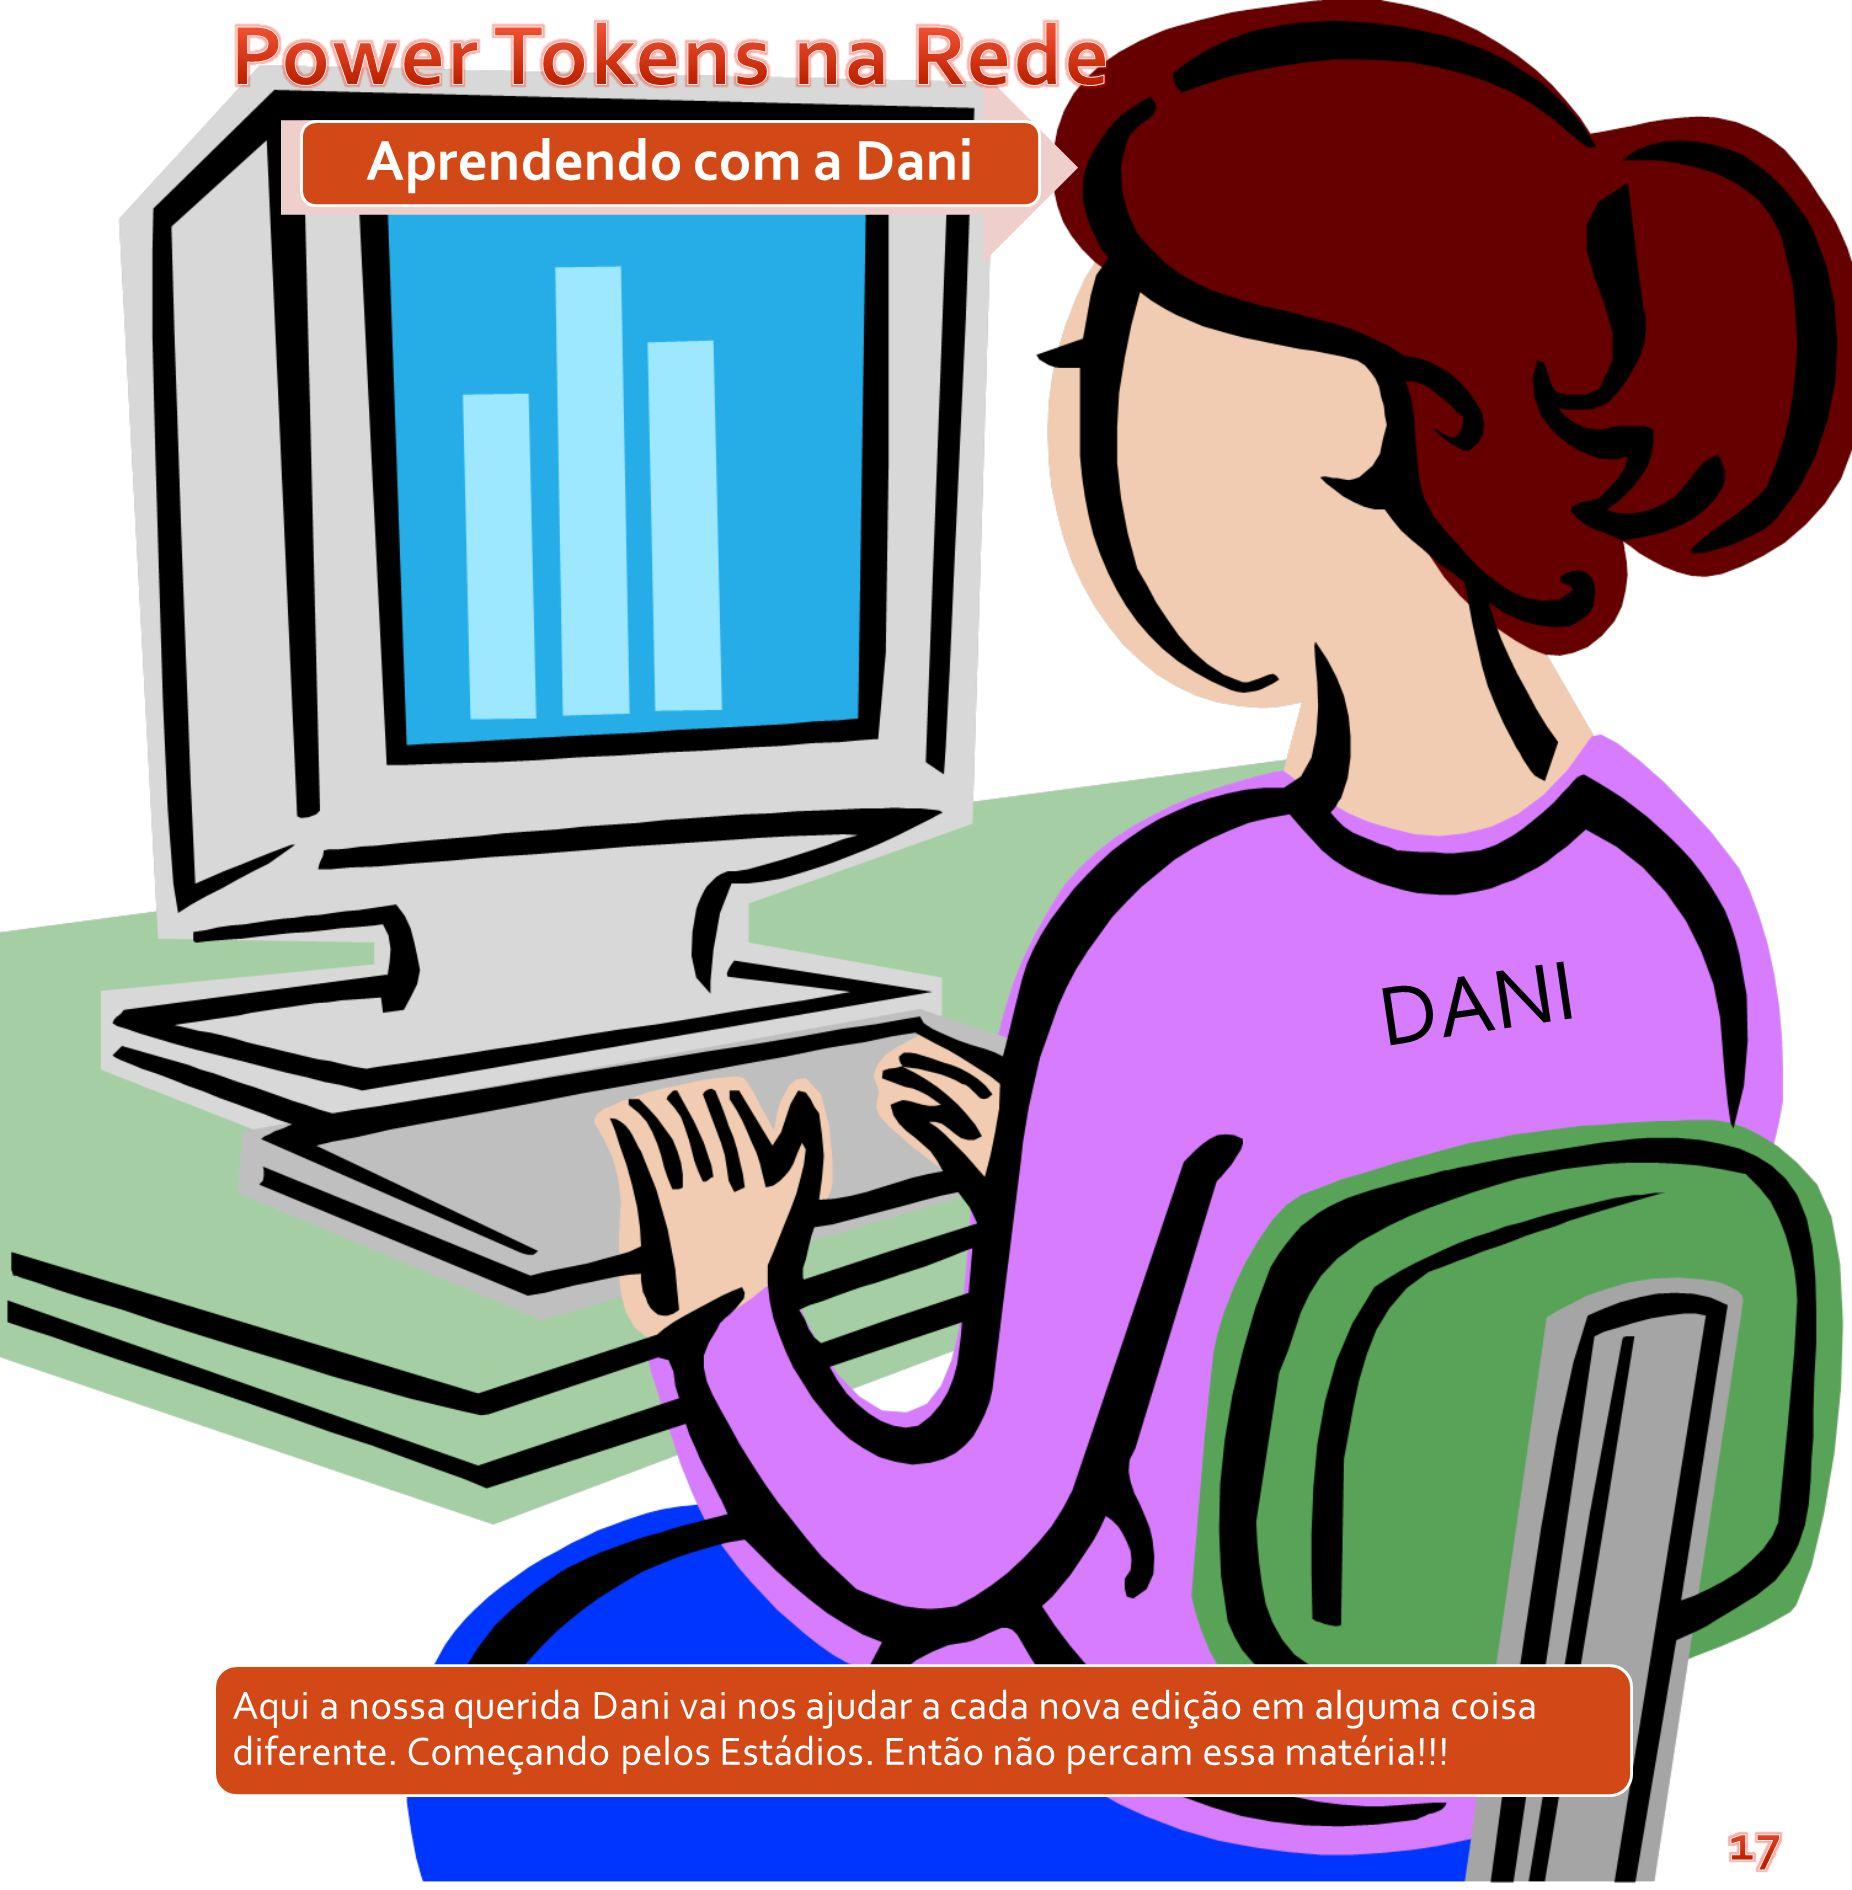 Aprendendo com a Dani DANI Aqui a nossa querida Dani vai nos ajudar a cada nova edição em alguma coisa diferente.